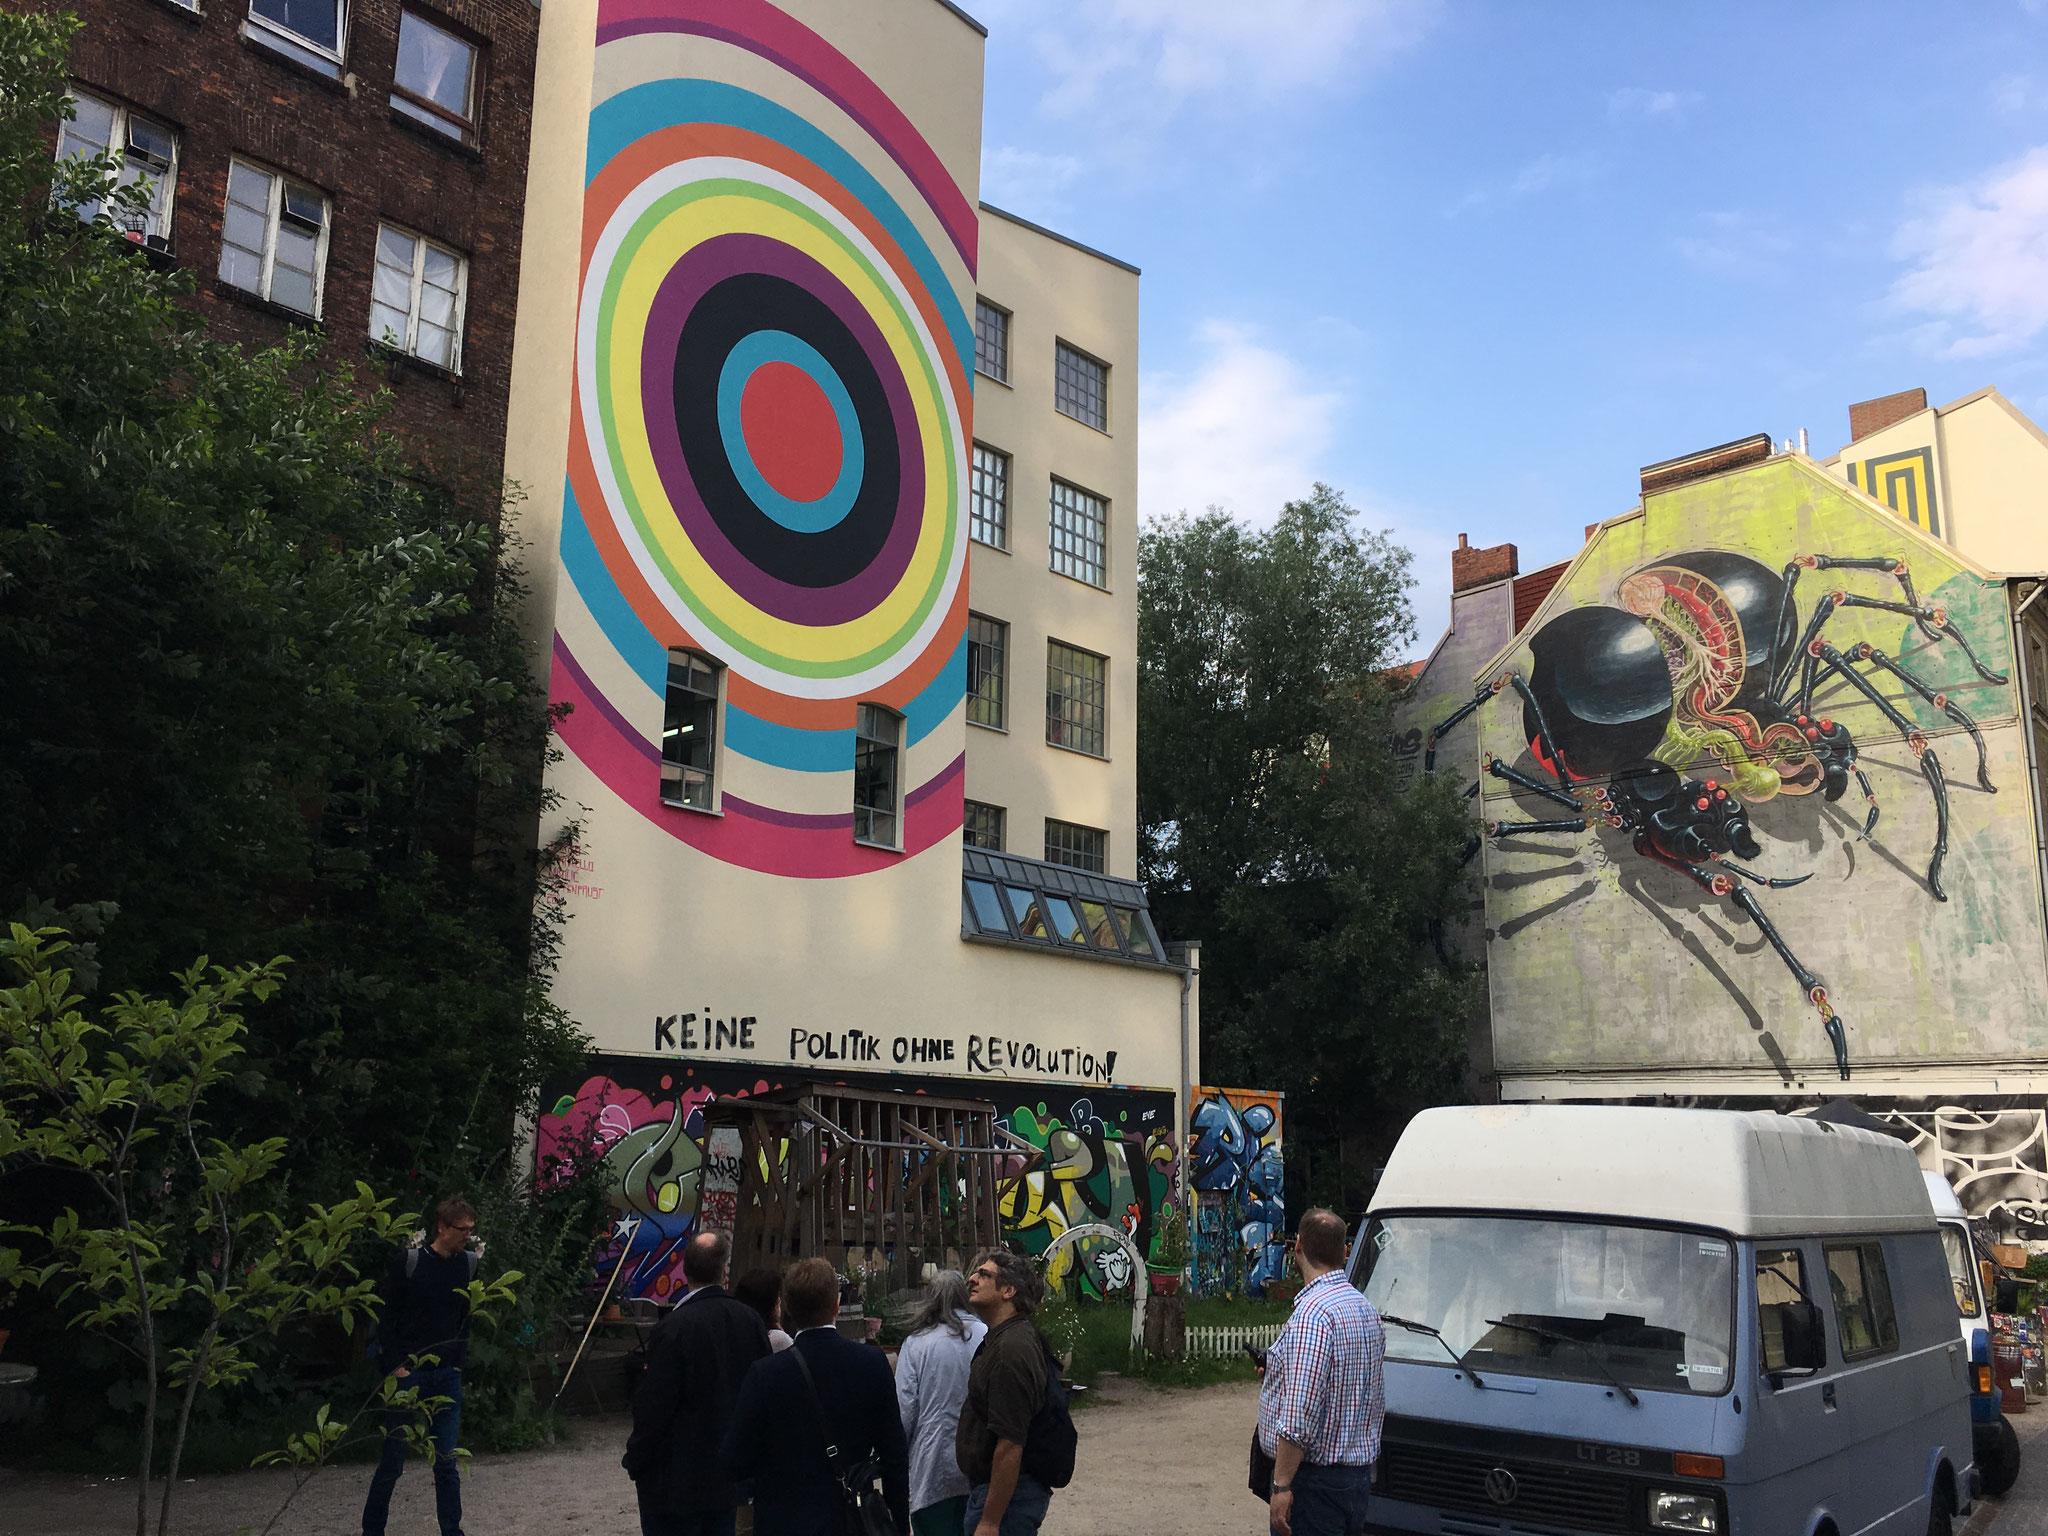 Große Grafitis sind meist beauftragt - und leben länger ;)